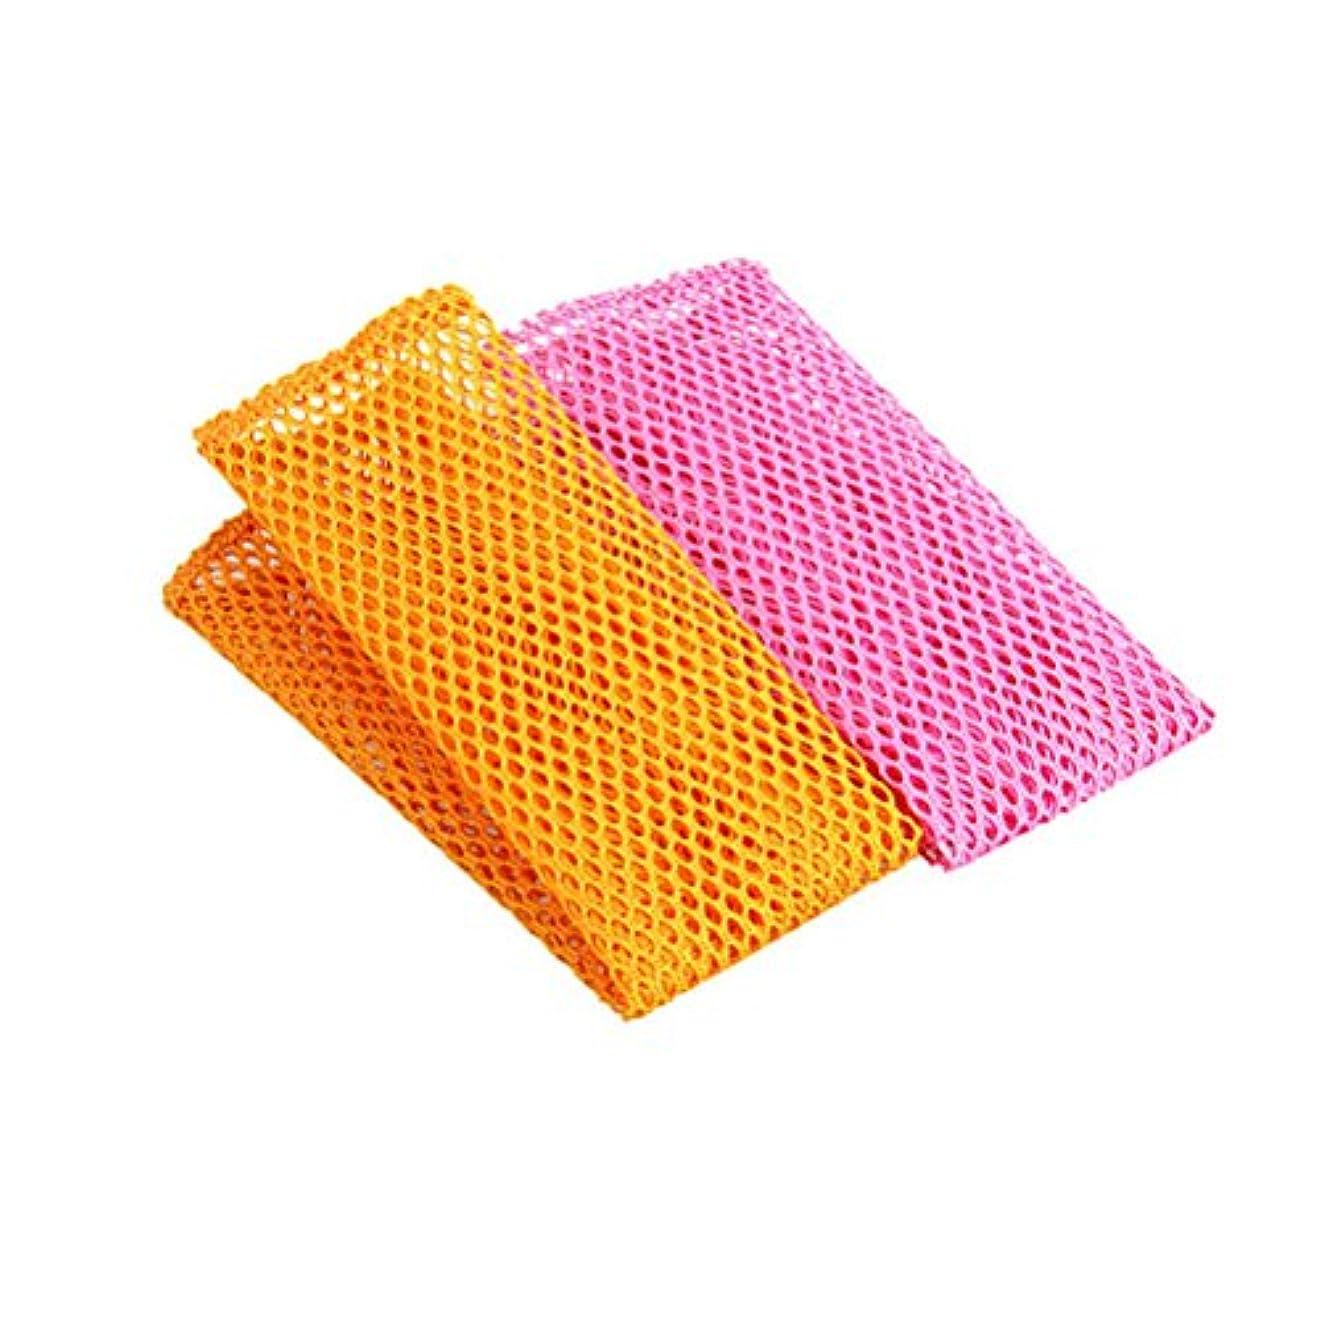 自発的規模ヒントBESTONZON 8ピース革新的な皿洗いネット布急速乾燥スクーラーinodoreメッシュ洗濯布キッチンクリーニング布 - 黄色+ピンク